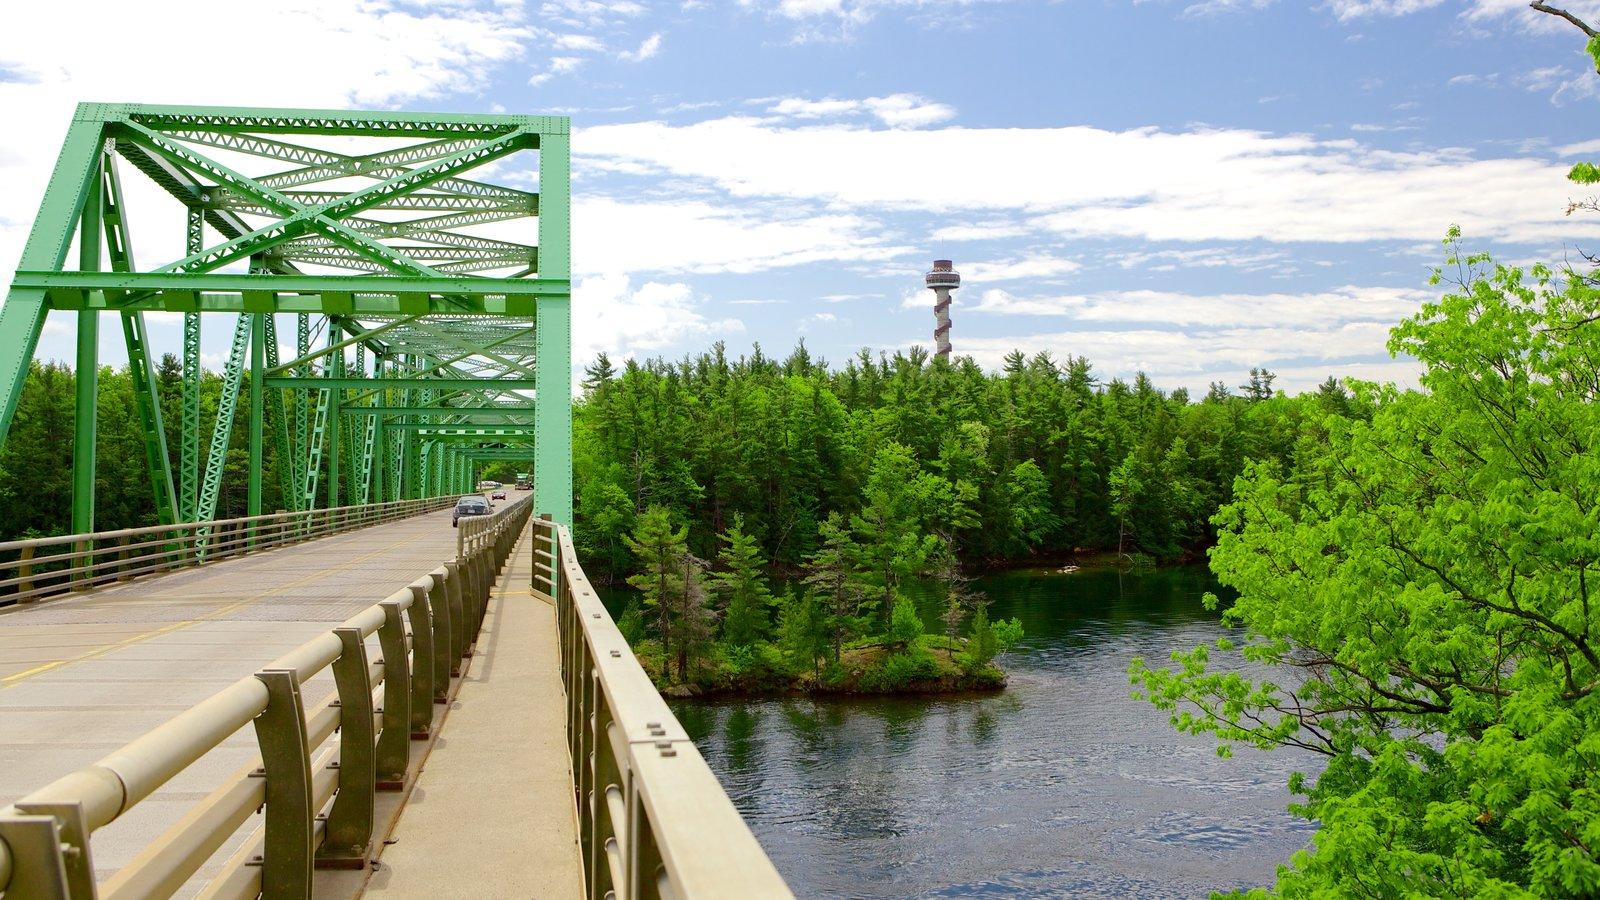 St. Lawrence Islands National Park caracterizando uma ponte e um rio ou córrego